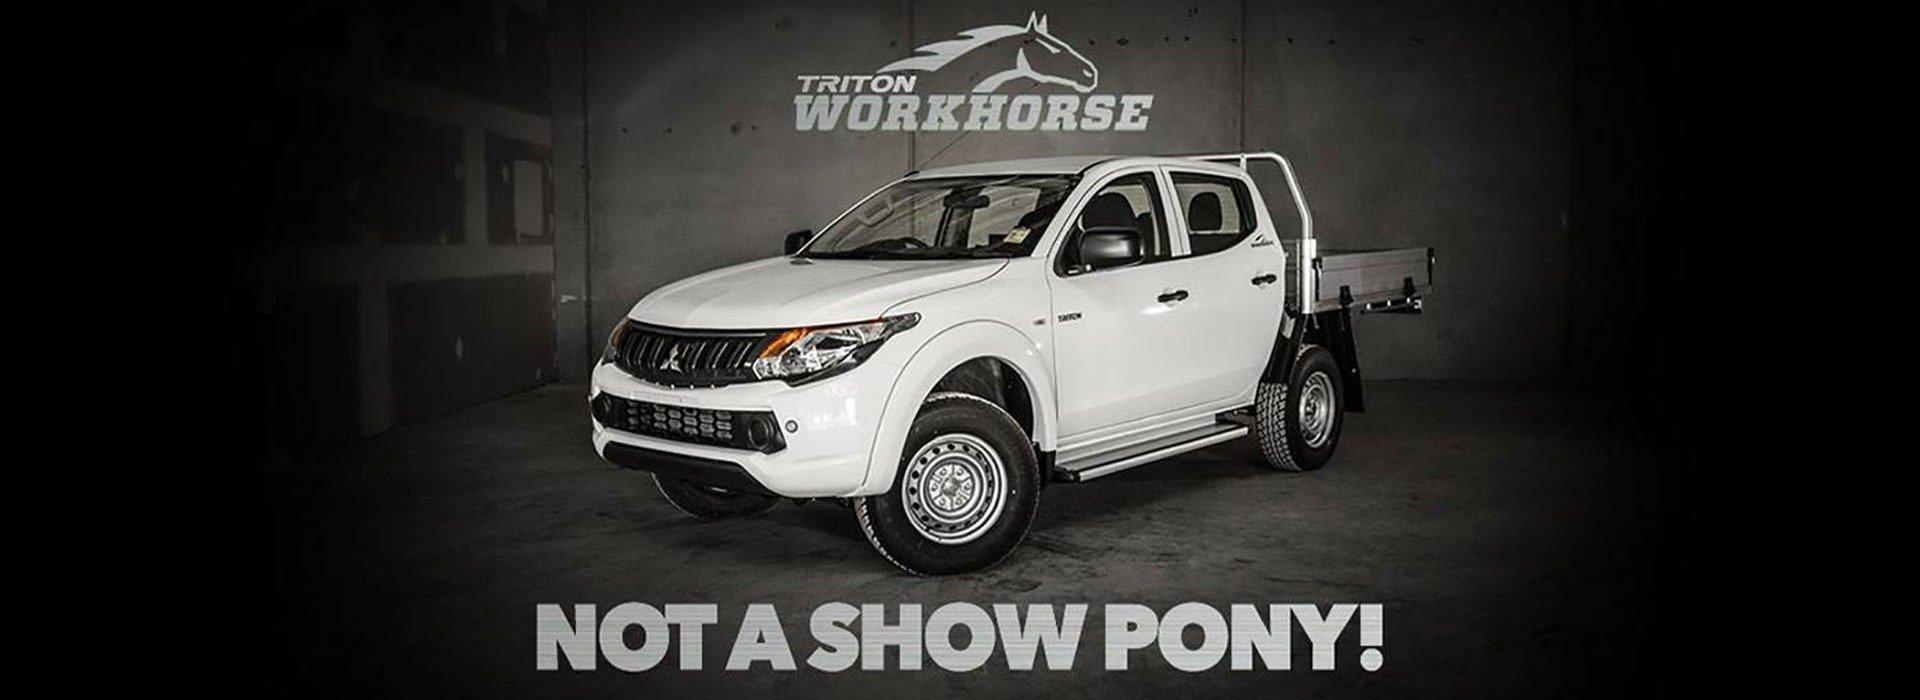 Mitsubishi Triton - Workhorse